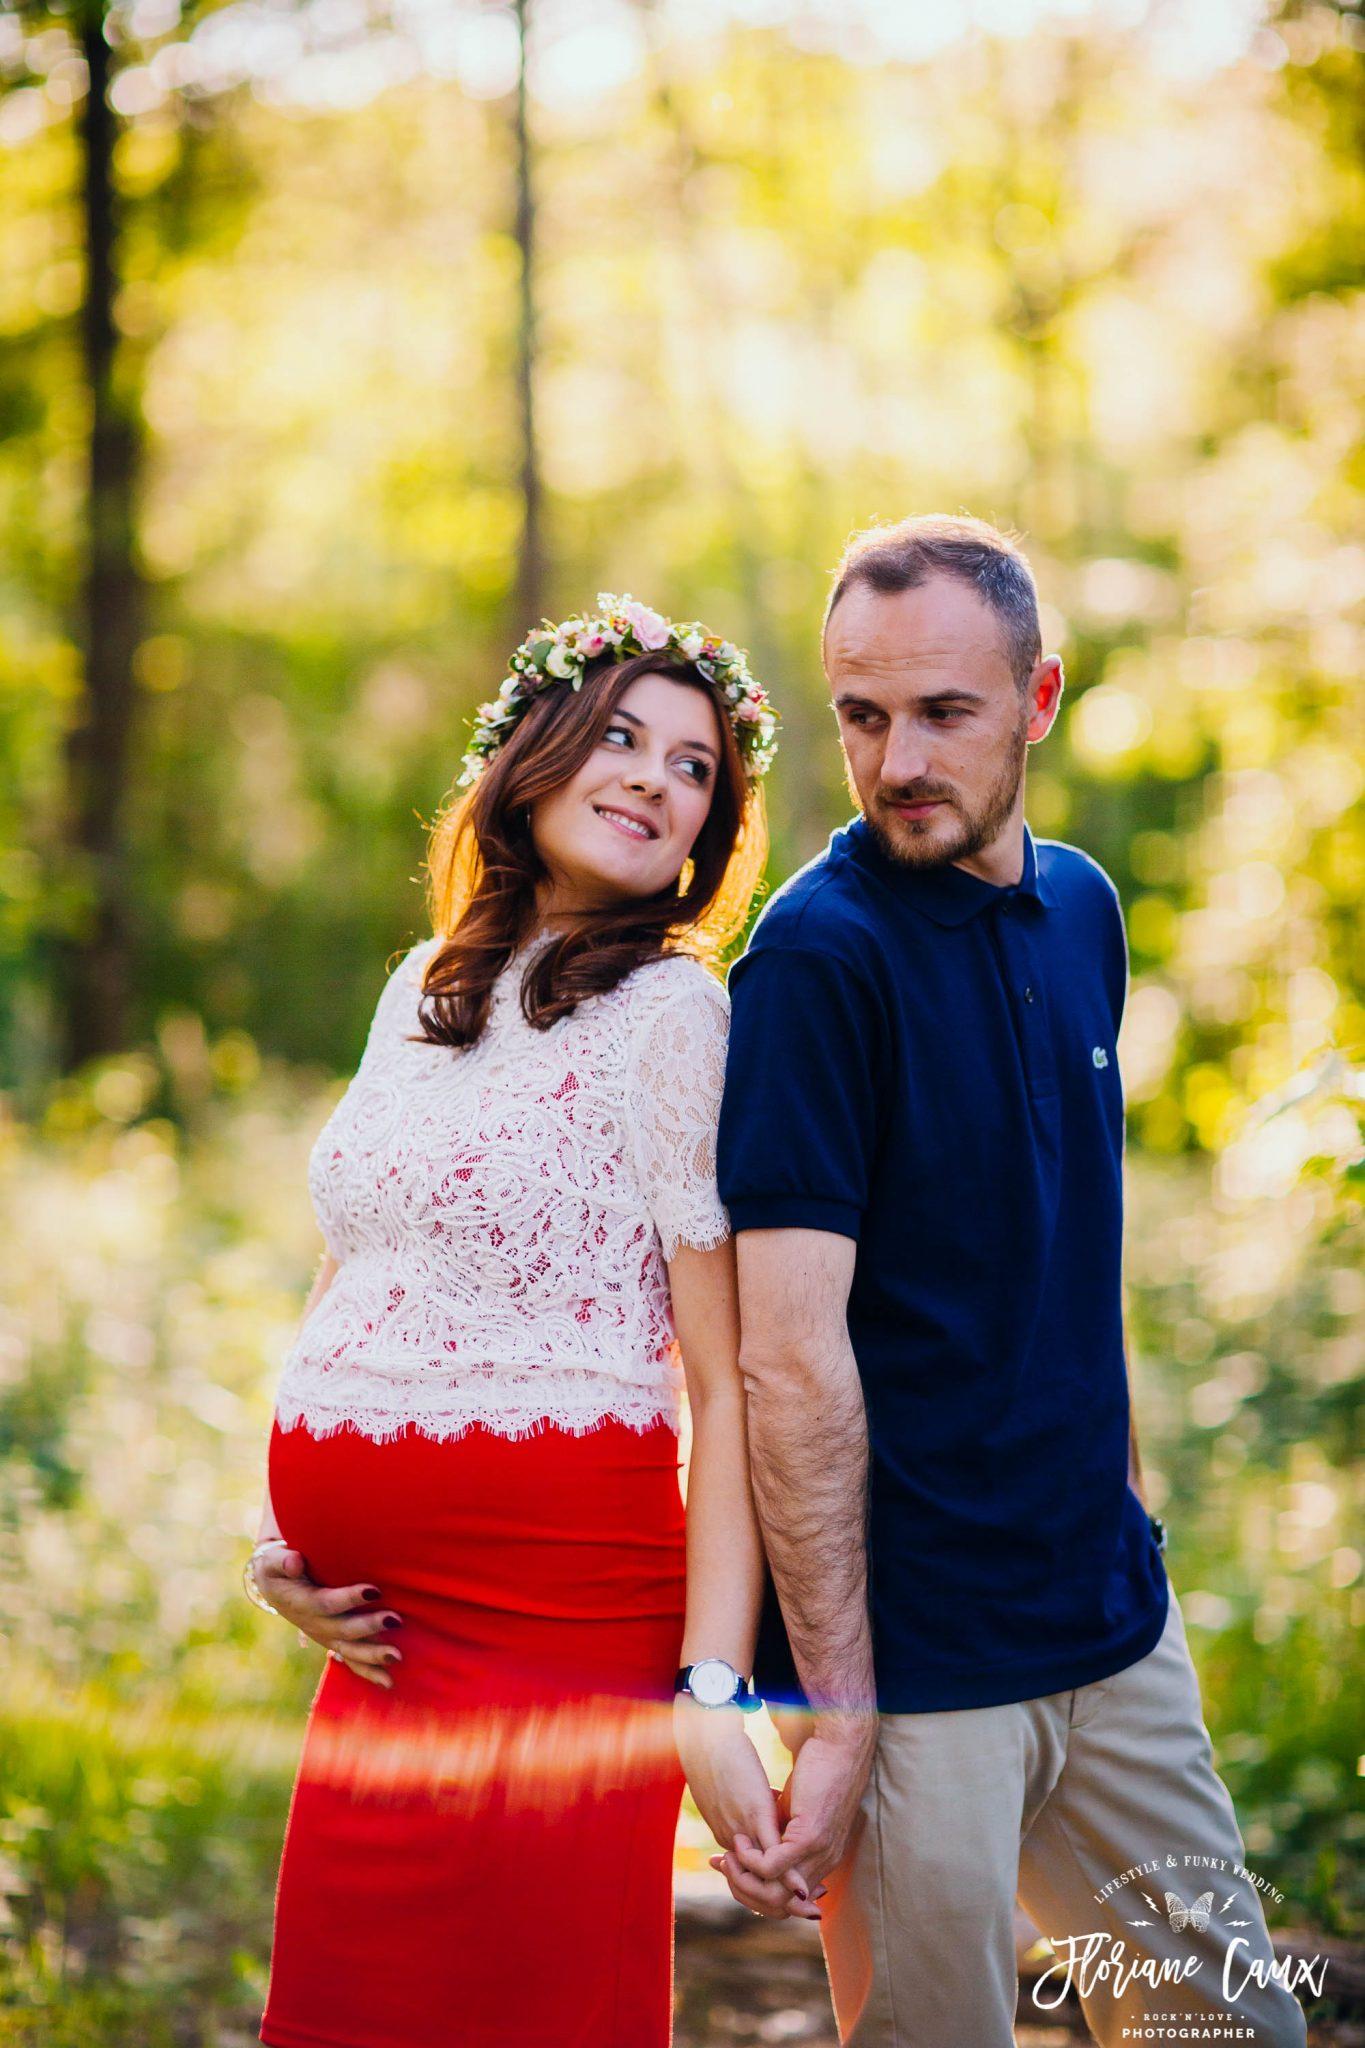 séance couple photographe grossesse toulouse et ariège